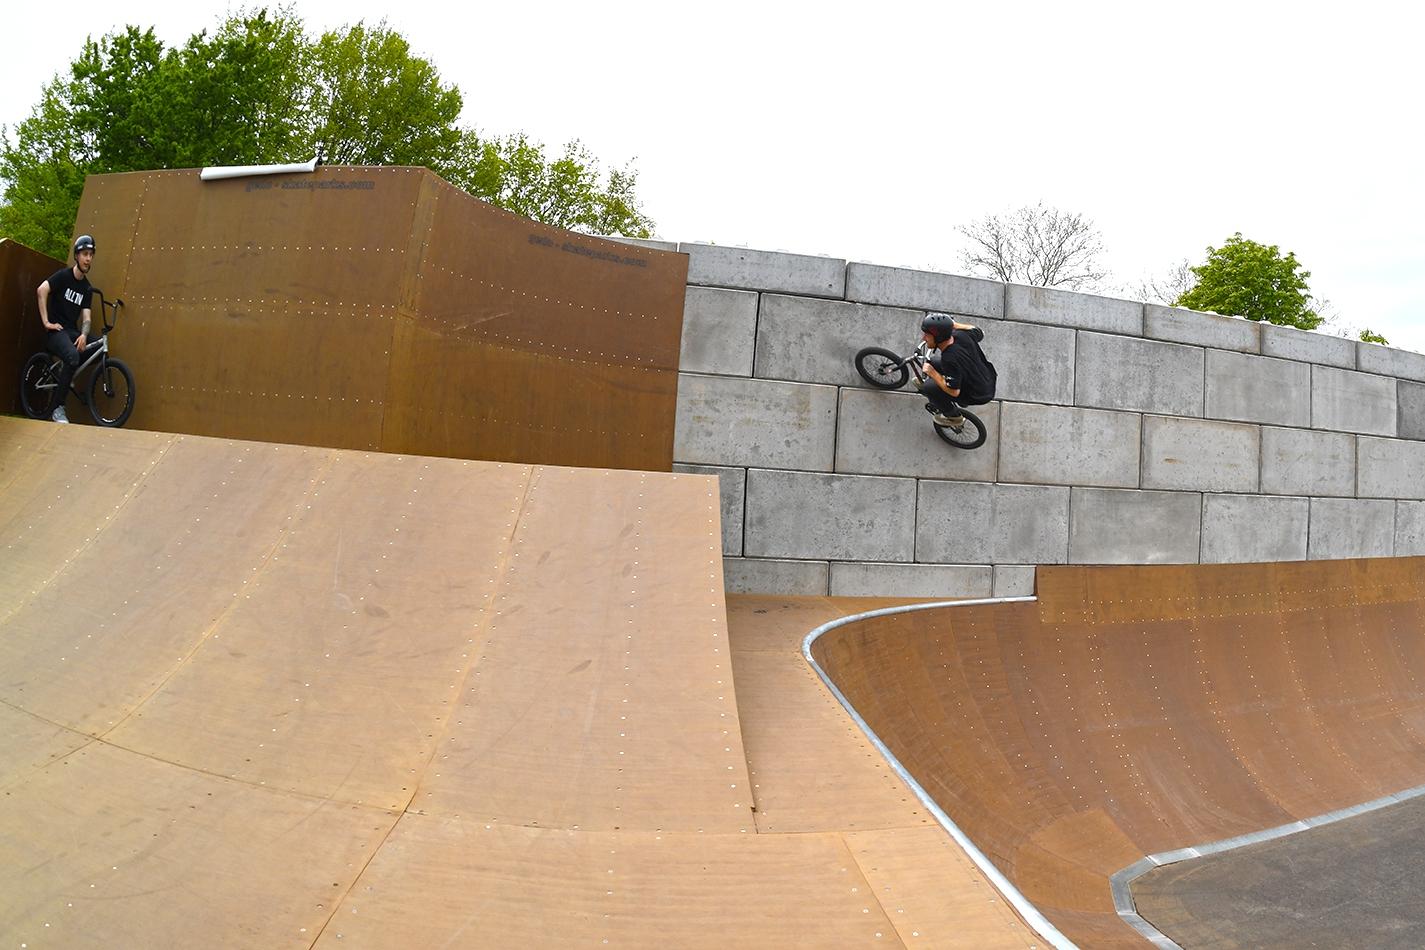 BL_Darmstadt_Bikepark_Testfahrt_Gallery_05